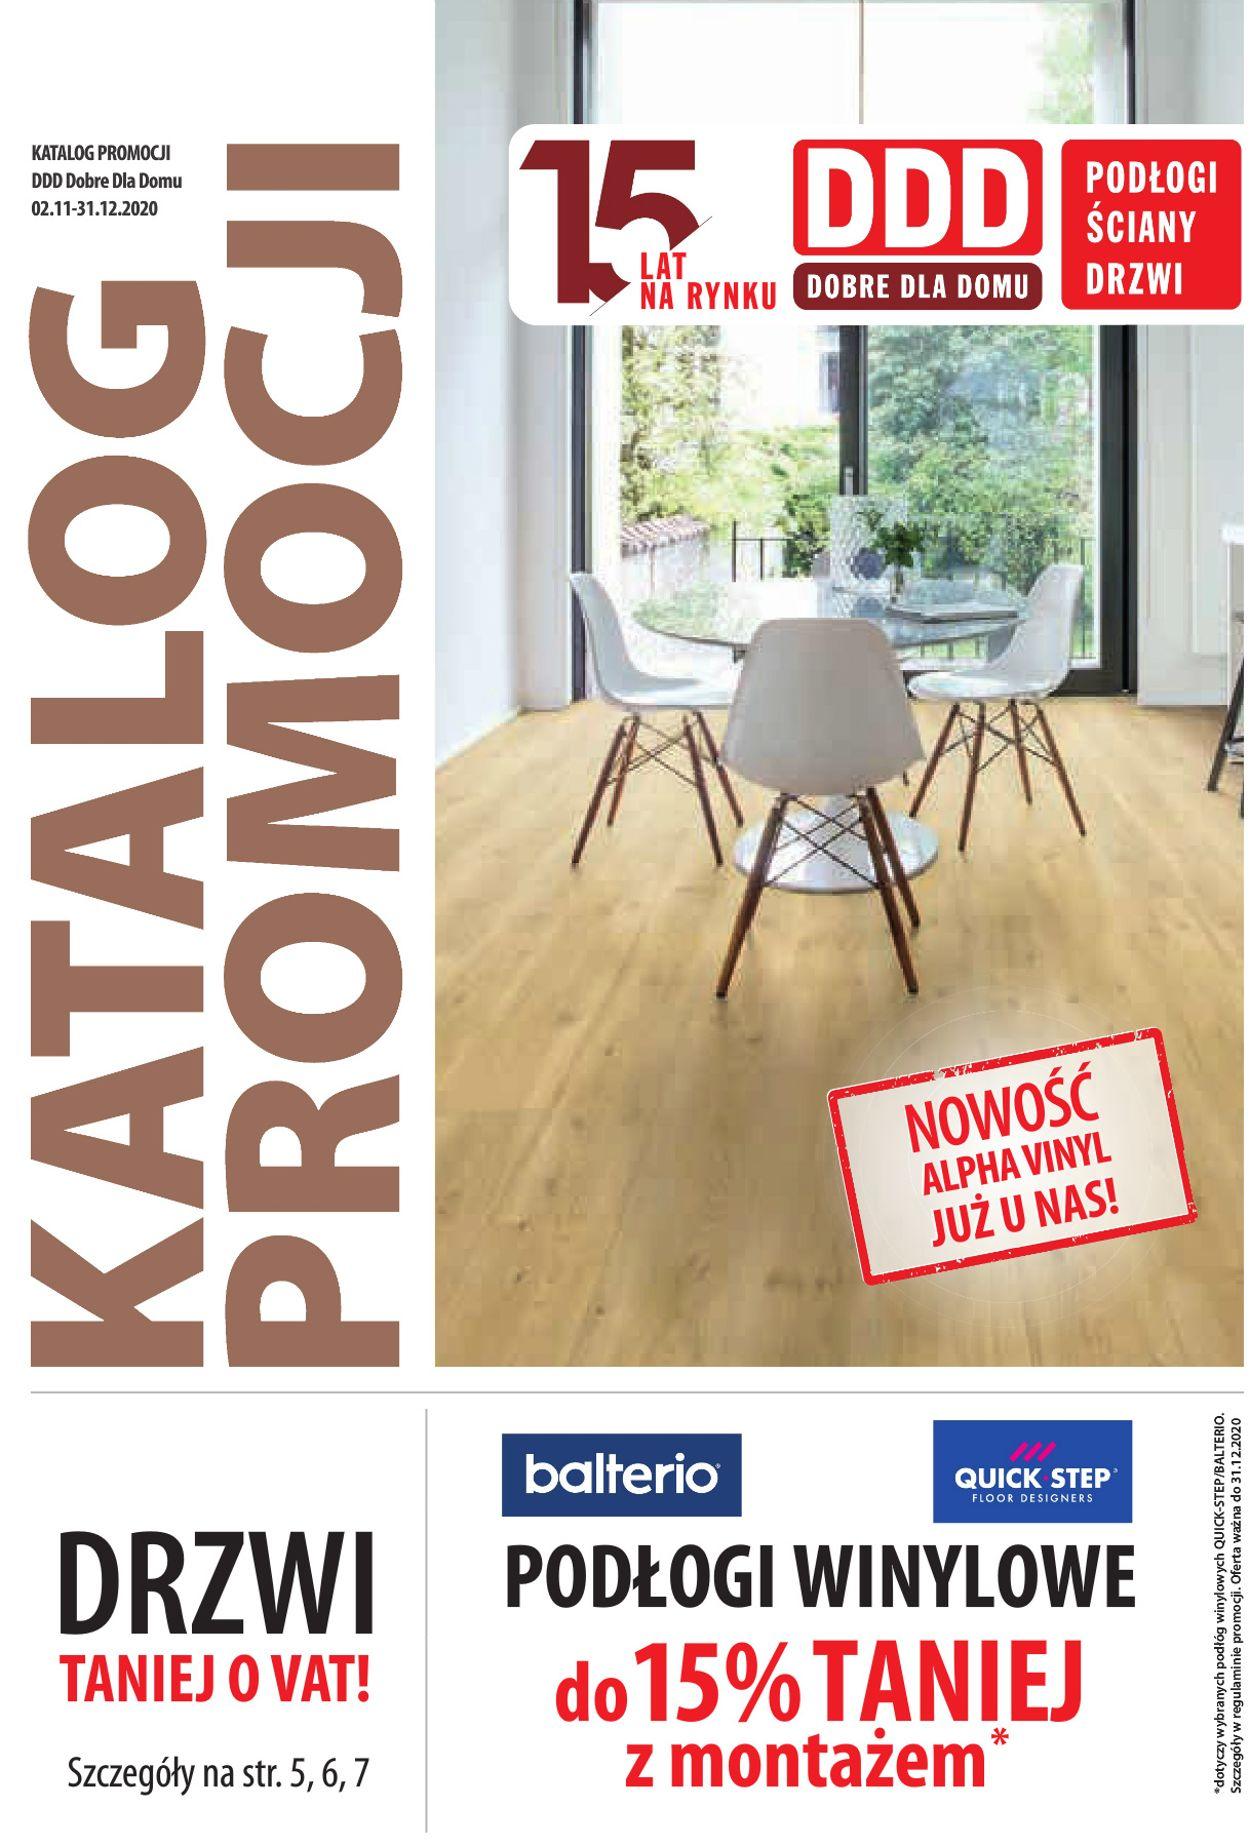 Gazetka promocyjna DDD - 02.11-31.12.2020